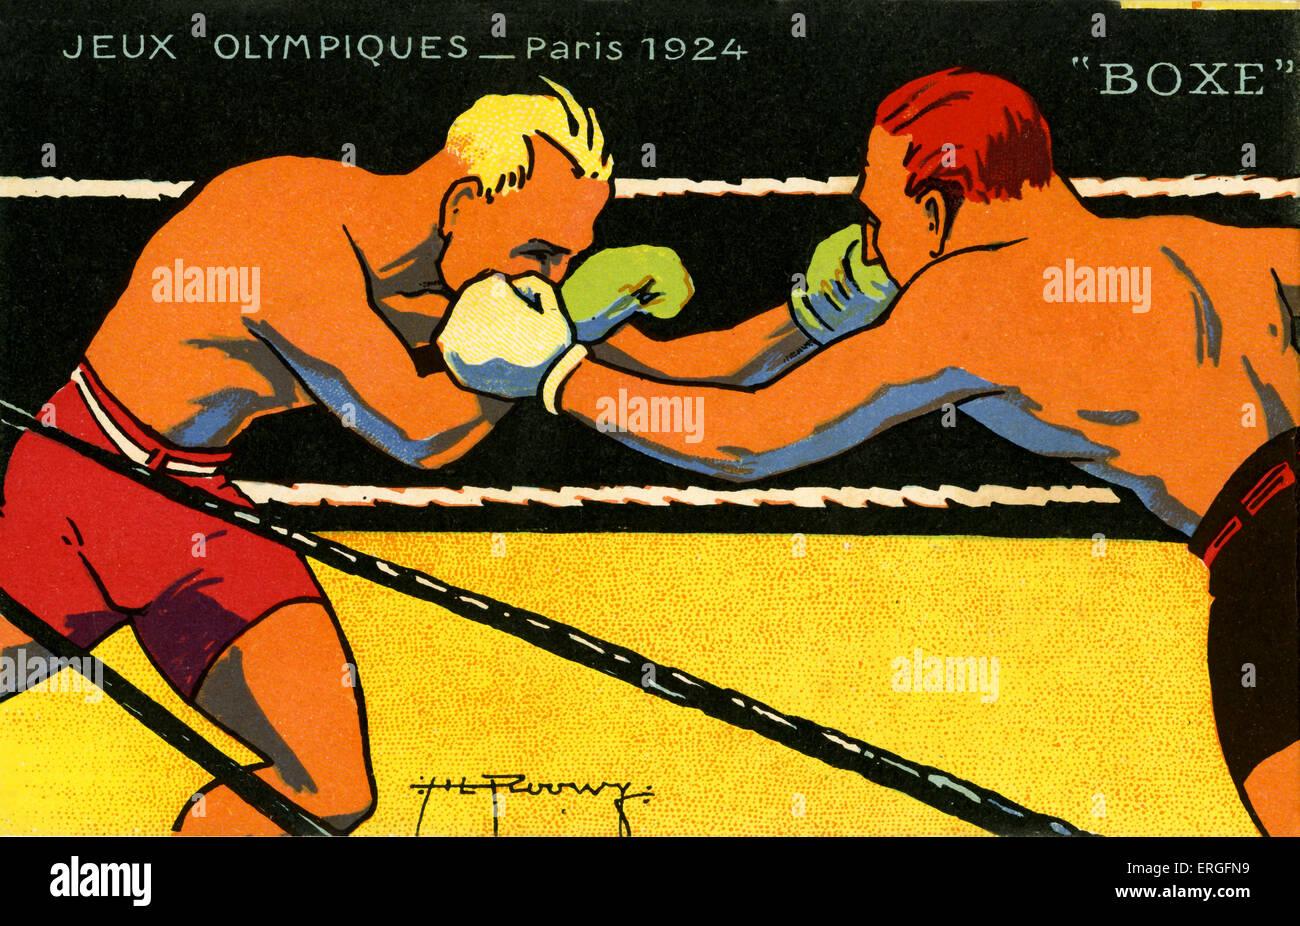 Juegos Olímpicos de 1924, París, Francia. Los boxeadores, campeonato de boxeo. Jeux Olympiques Imagen De Stock